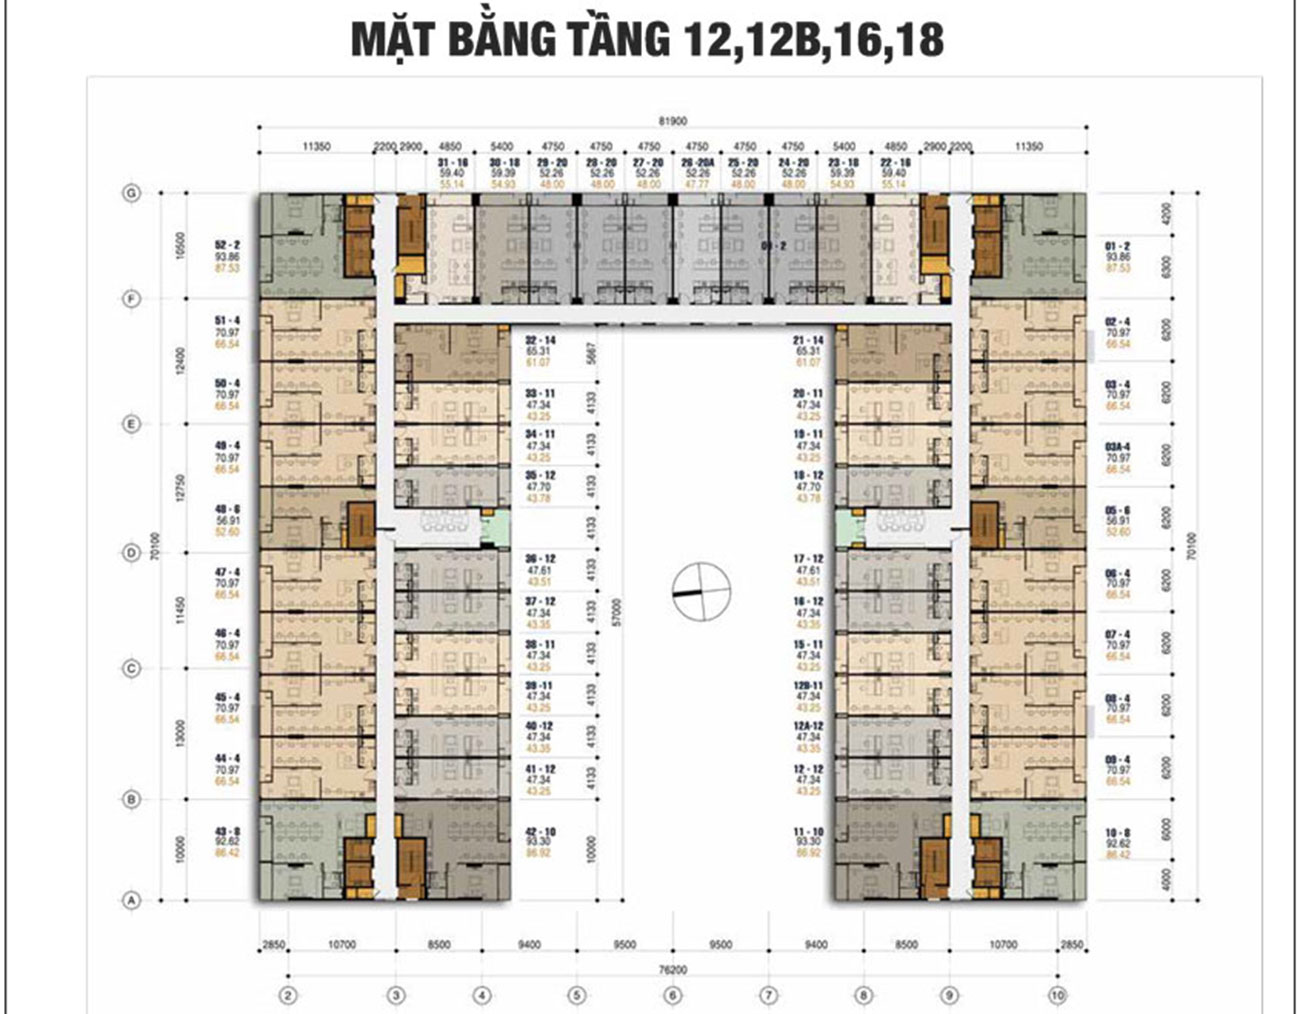 Mặt bằng tầng dự án căn hộ officetel Charmington Tân Sơn Nhất